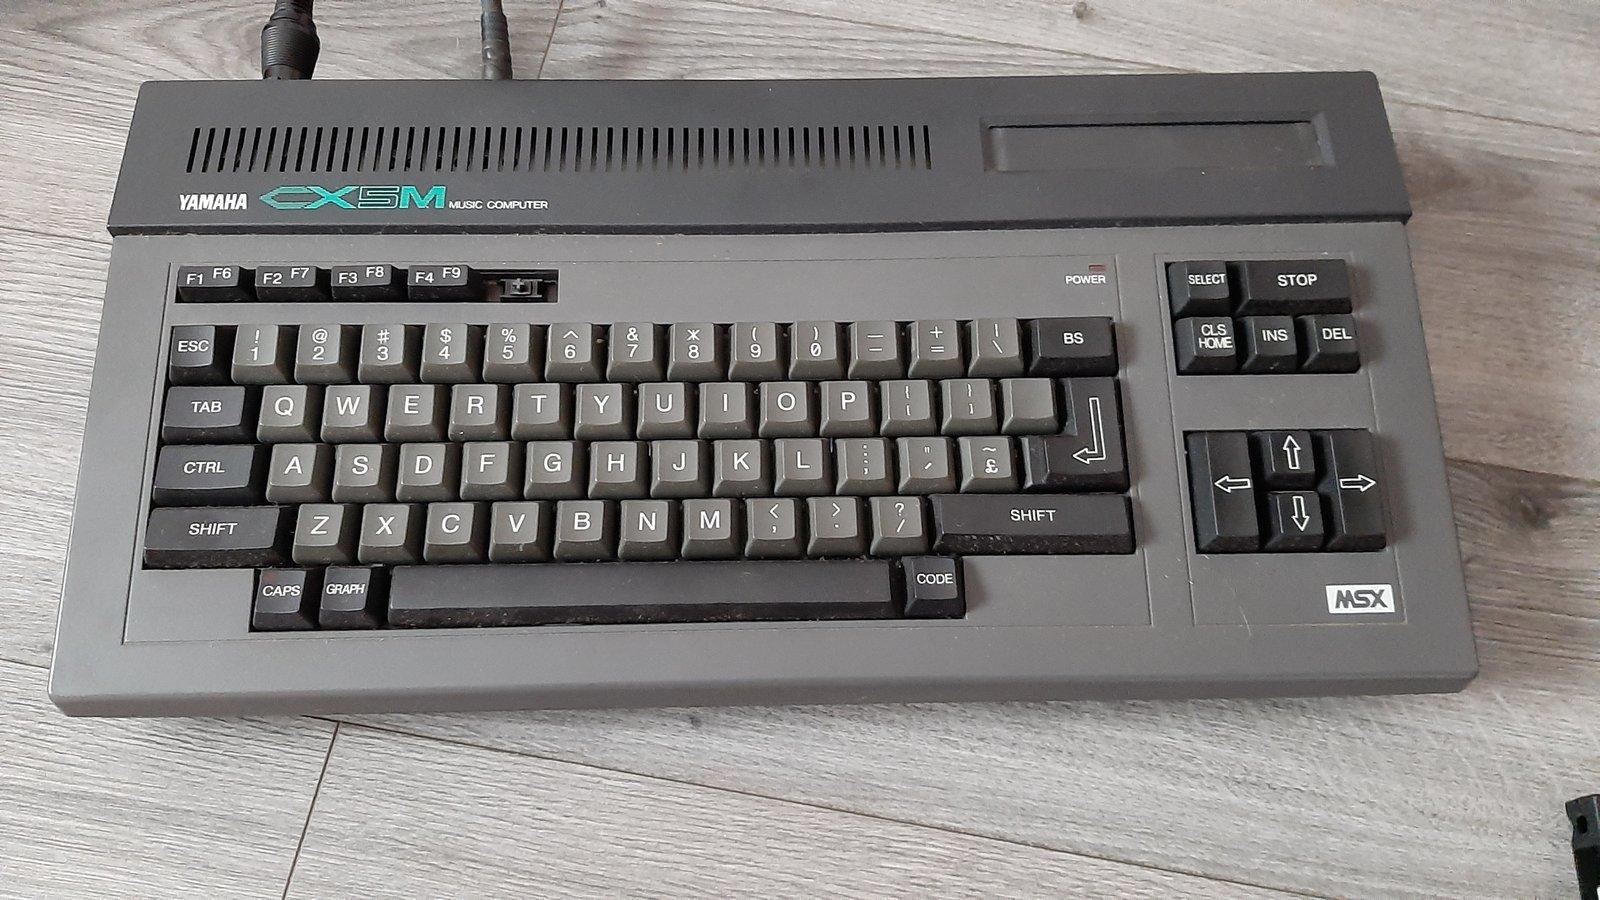 [Estimation] MSX CX5M YAMAHA + clavier MAO + lecteur D7 Sony Fit Bit + souris Yamaha 200627023213811191